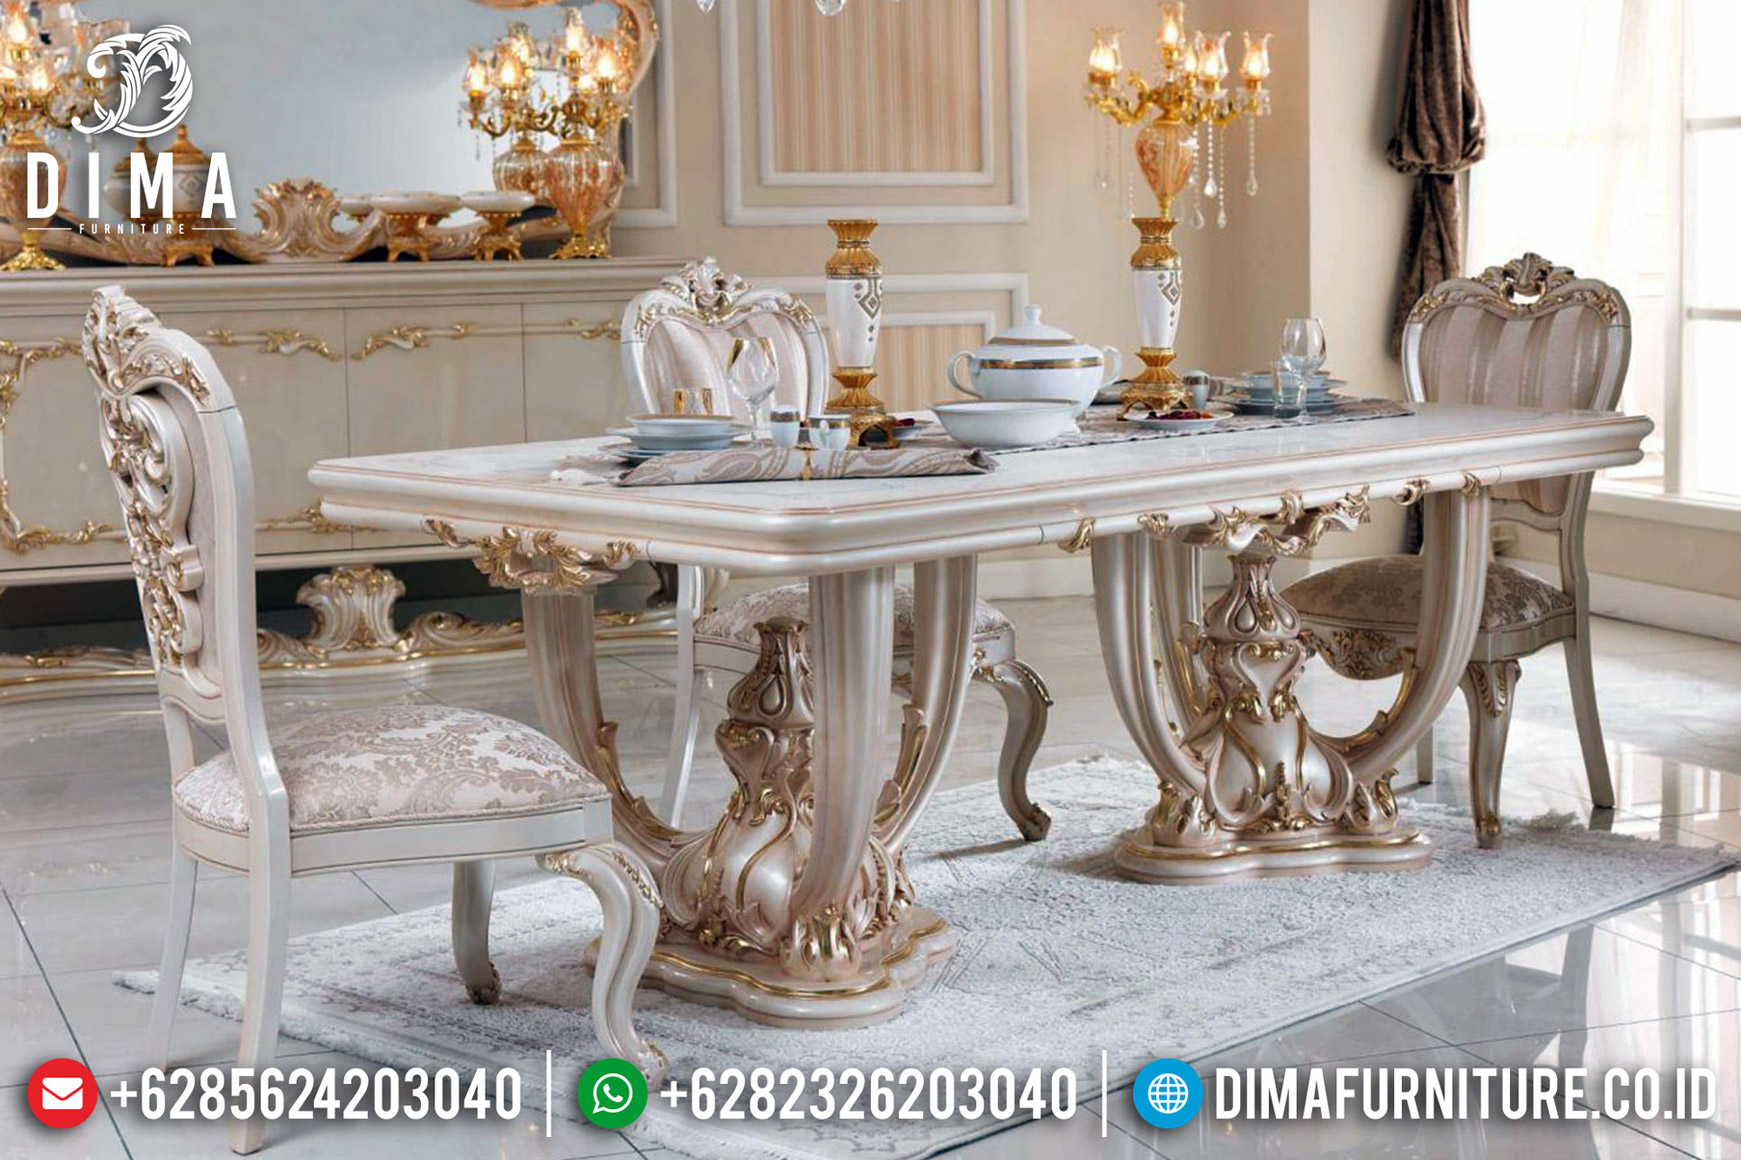 Harga Meja Makan Mewah Ukiran Classic Furniture Jepara TTJ-0576